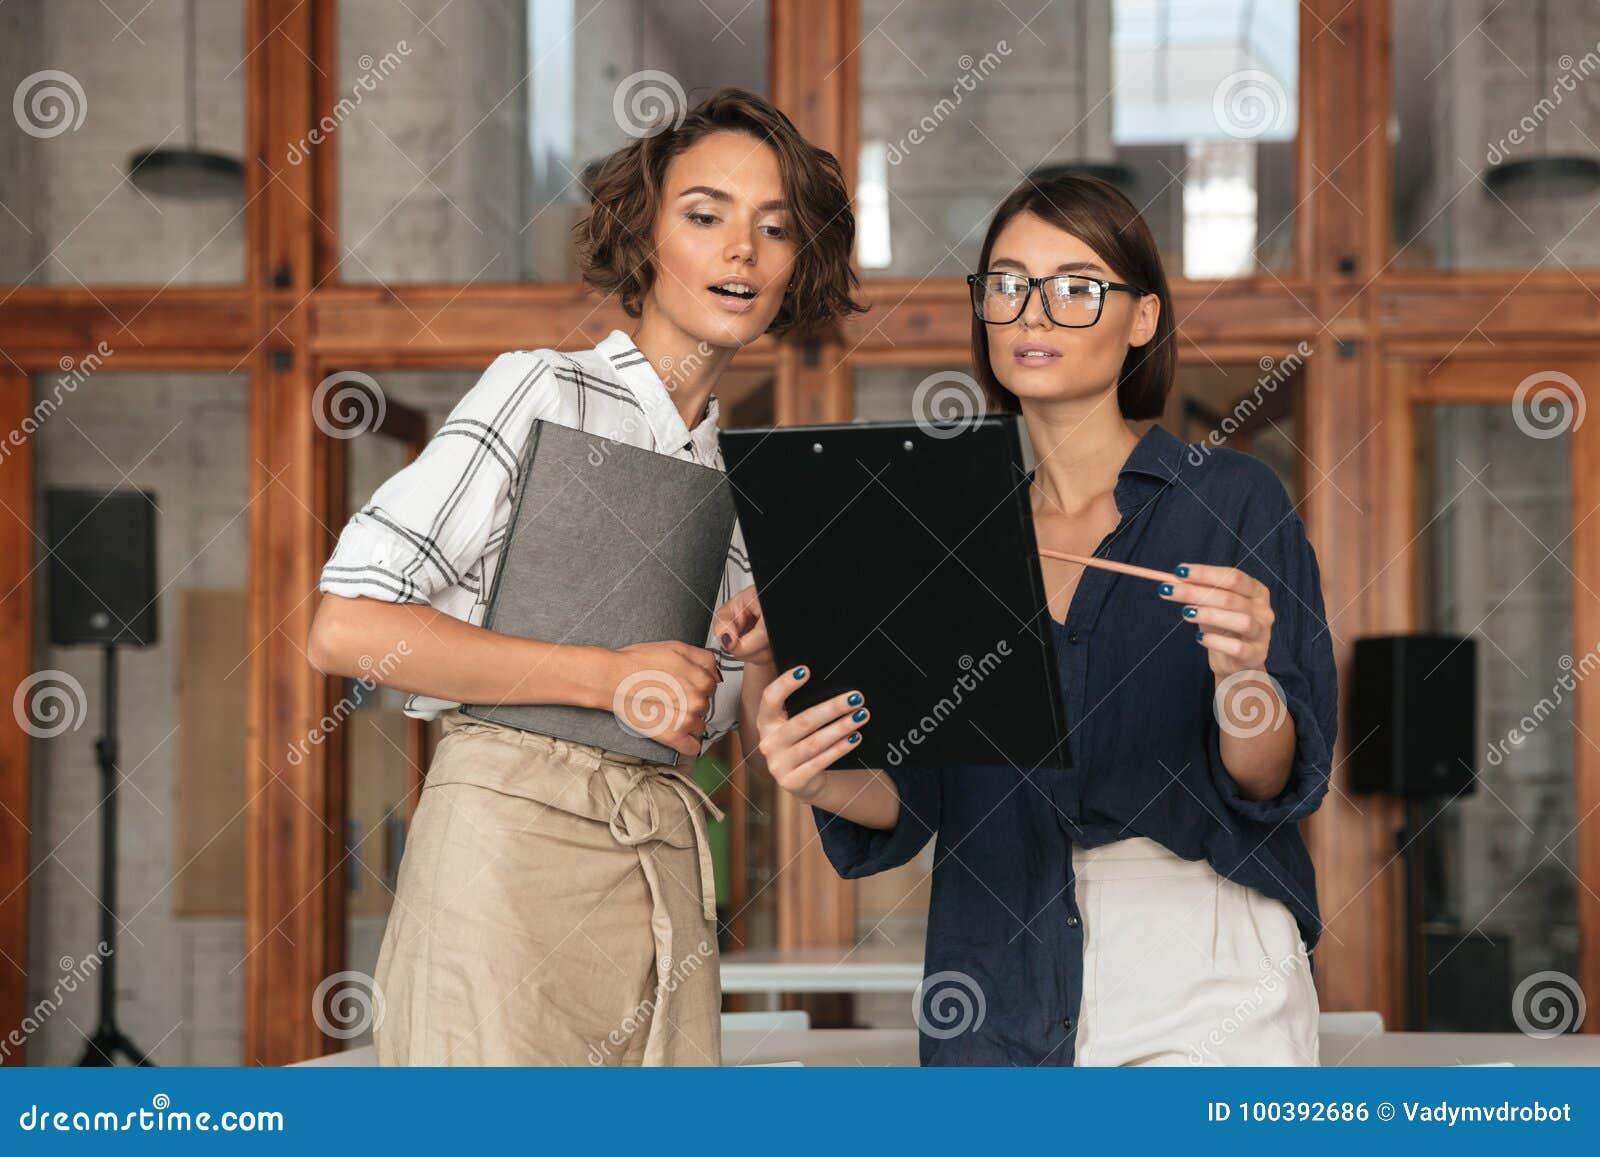 Dialogue of two women